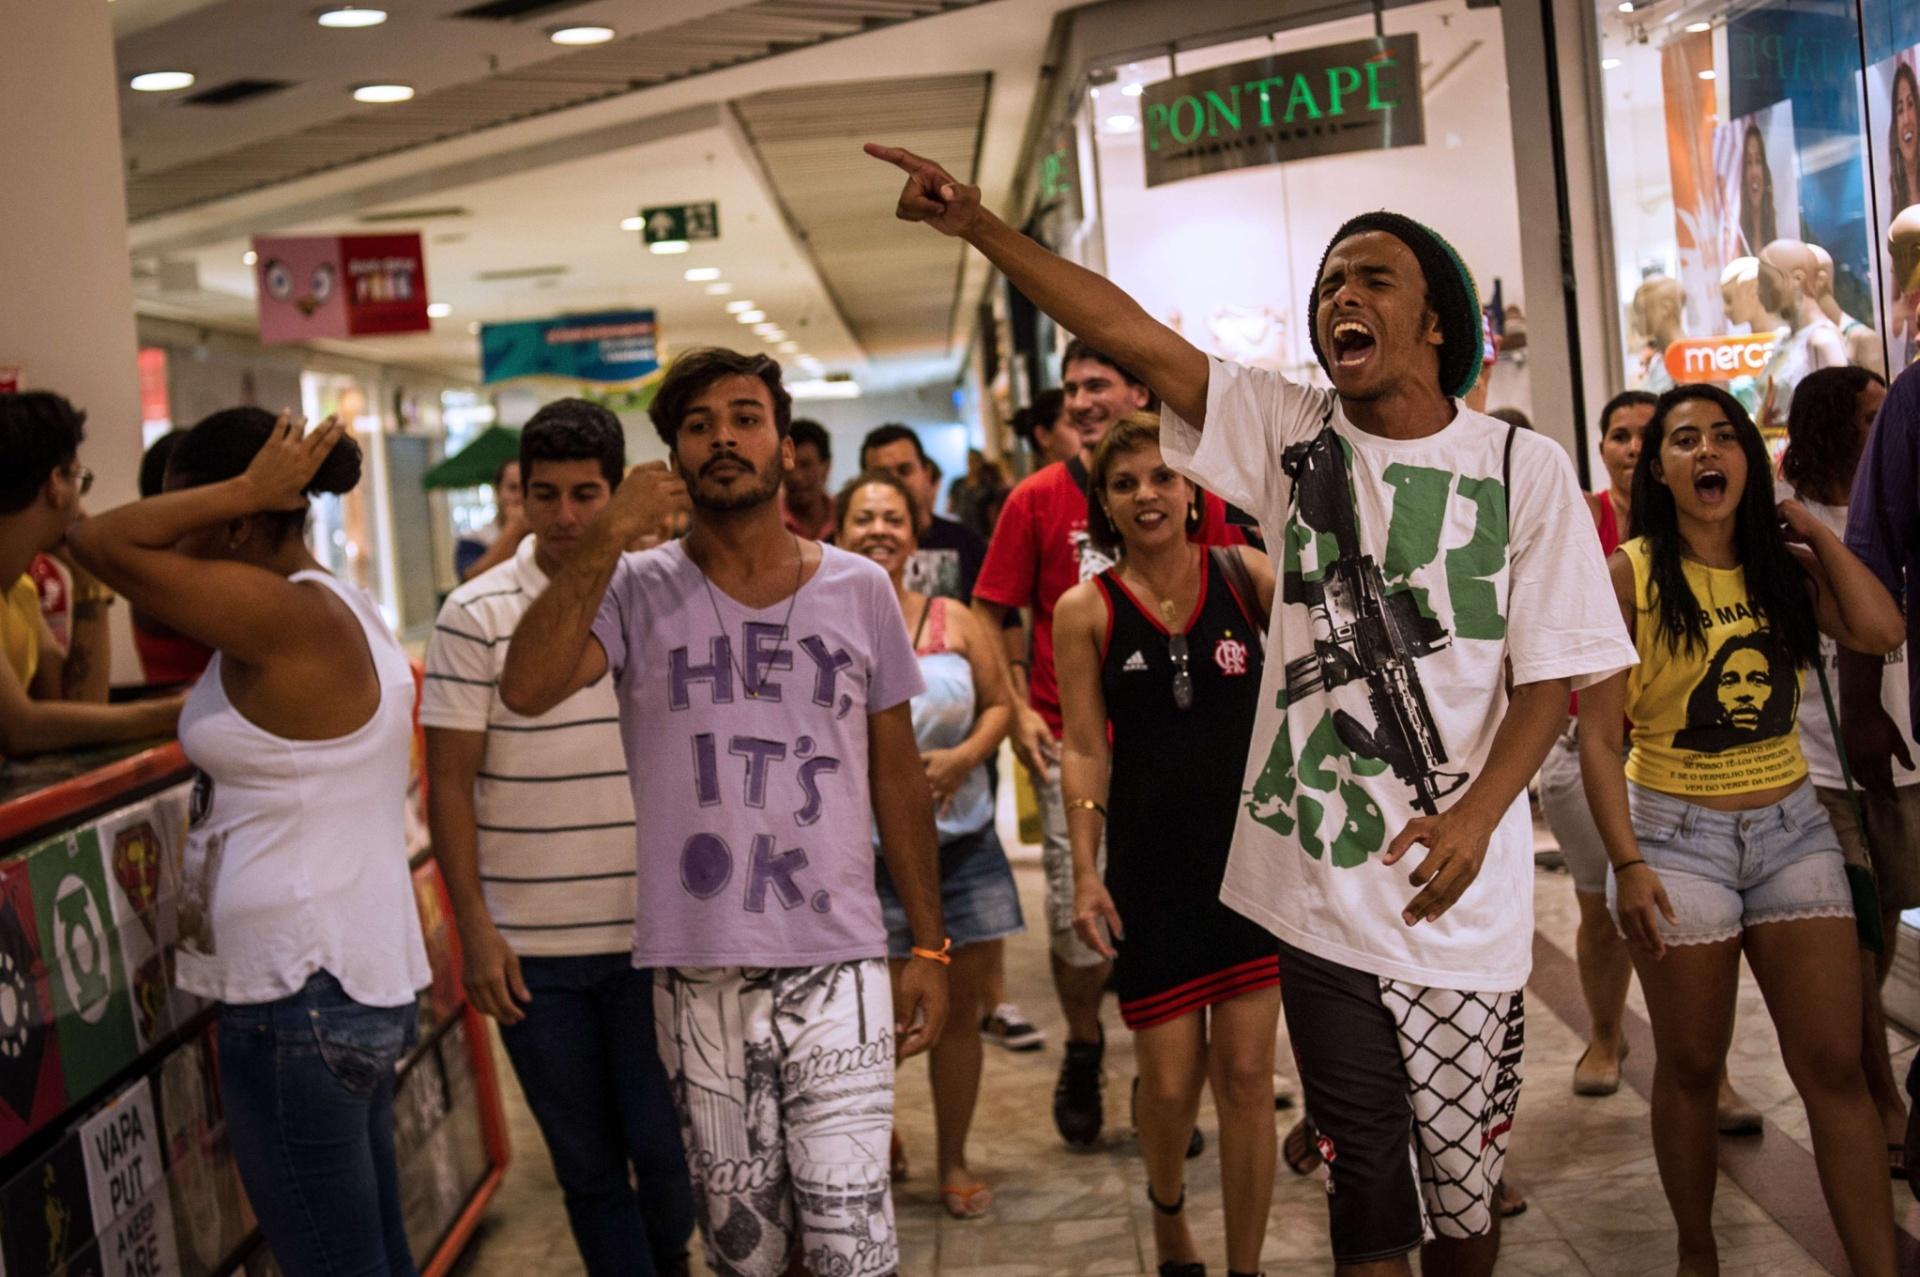 18.jan.2014 - Jovens se reuniram neste sábado no Plaza shopping para um